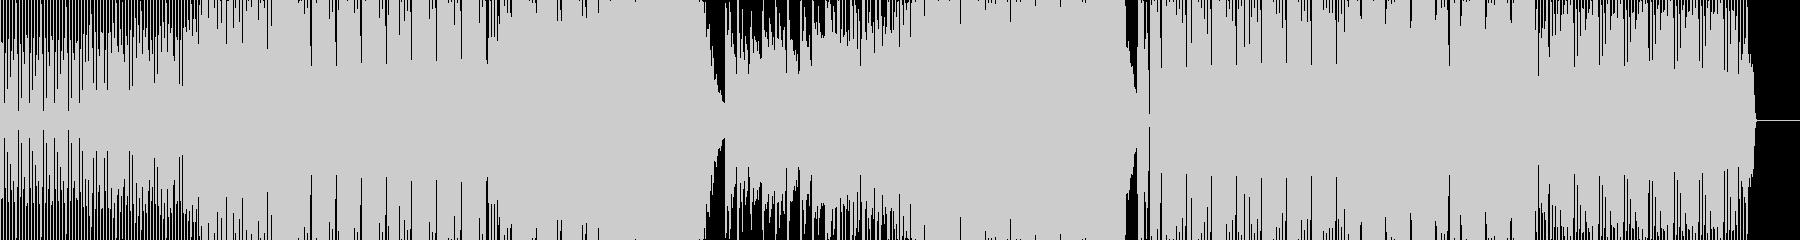 電子。 Edm。の未再生の波形